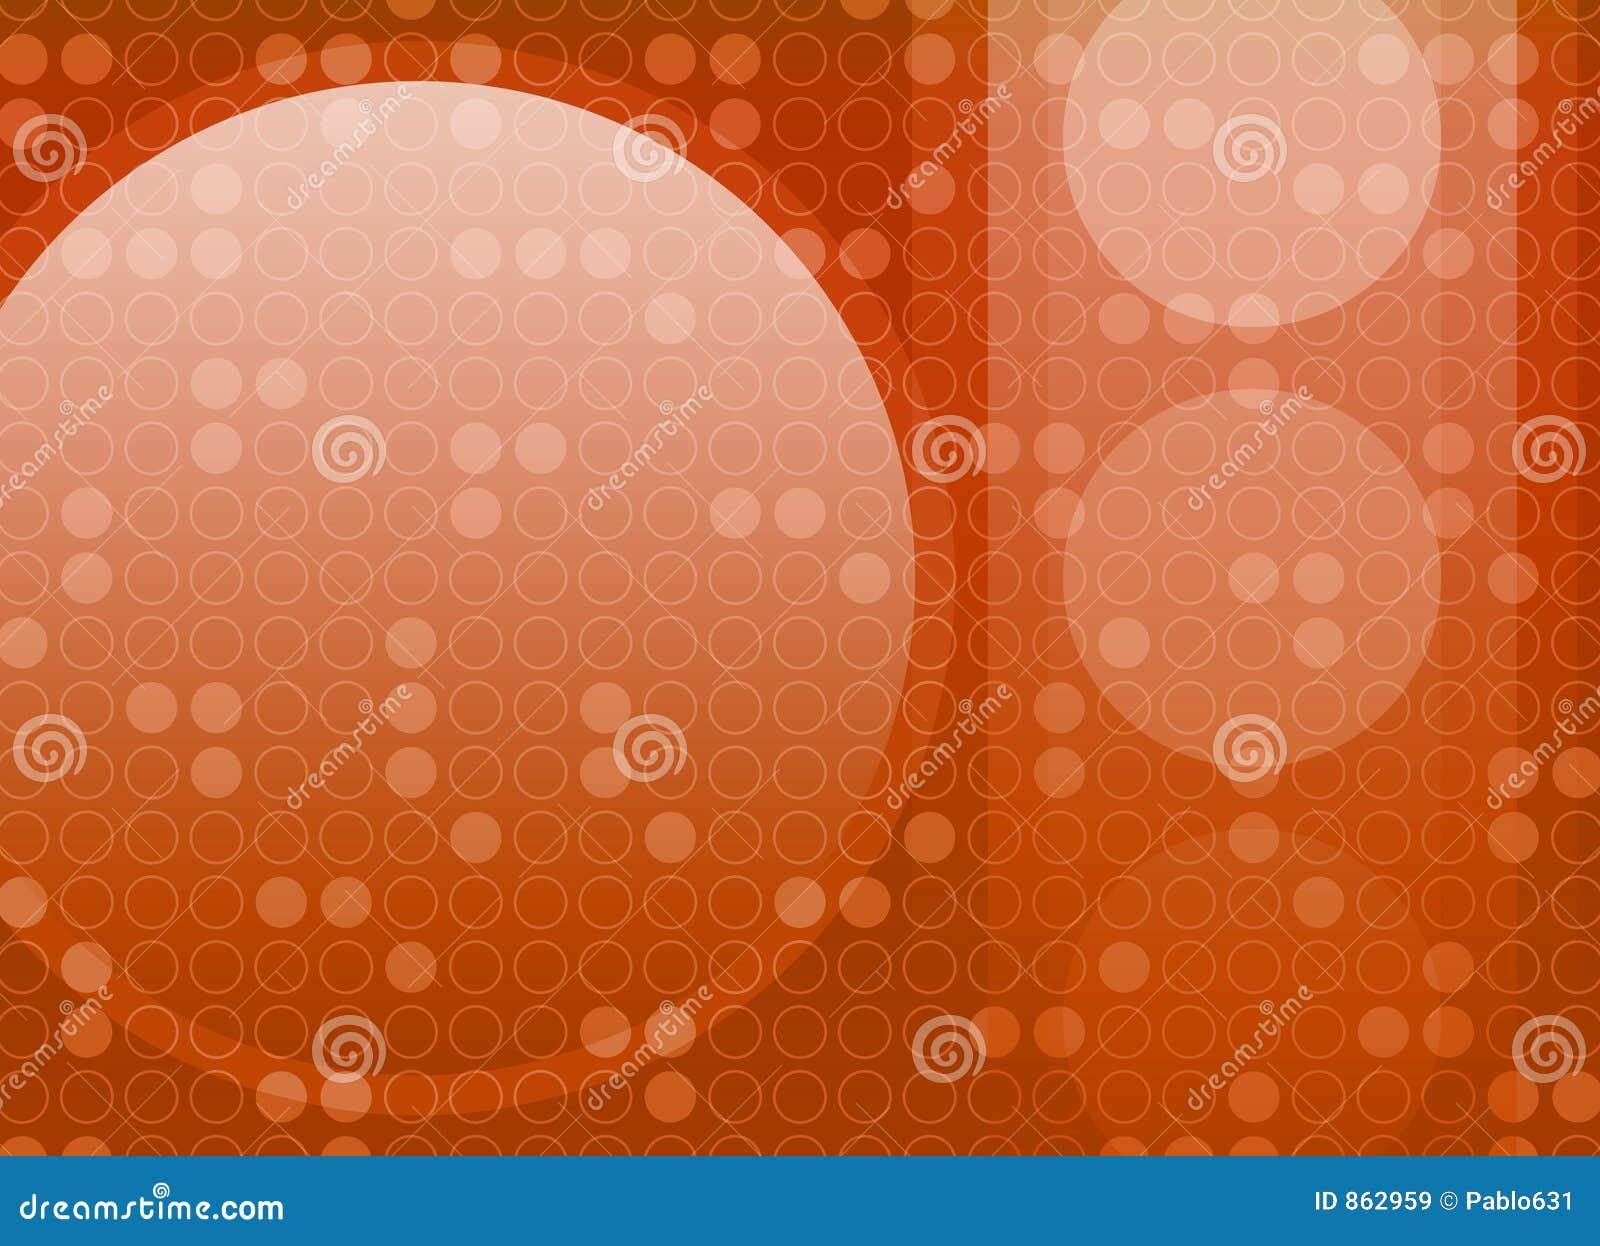 Abstrakter Retro- Kreis-Hintergrund